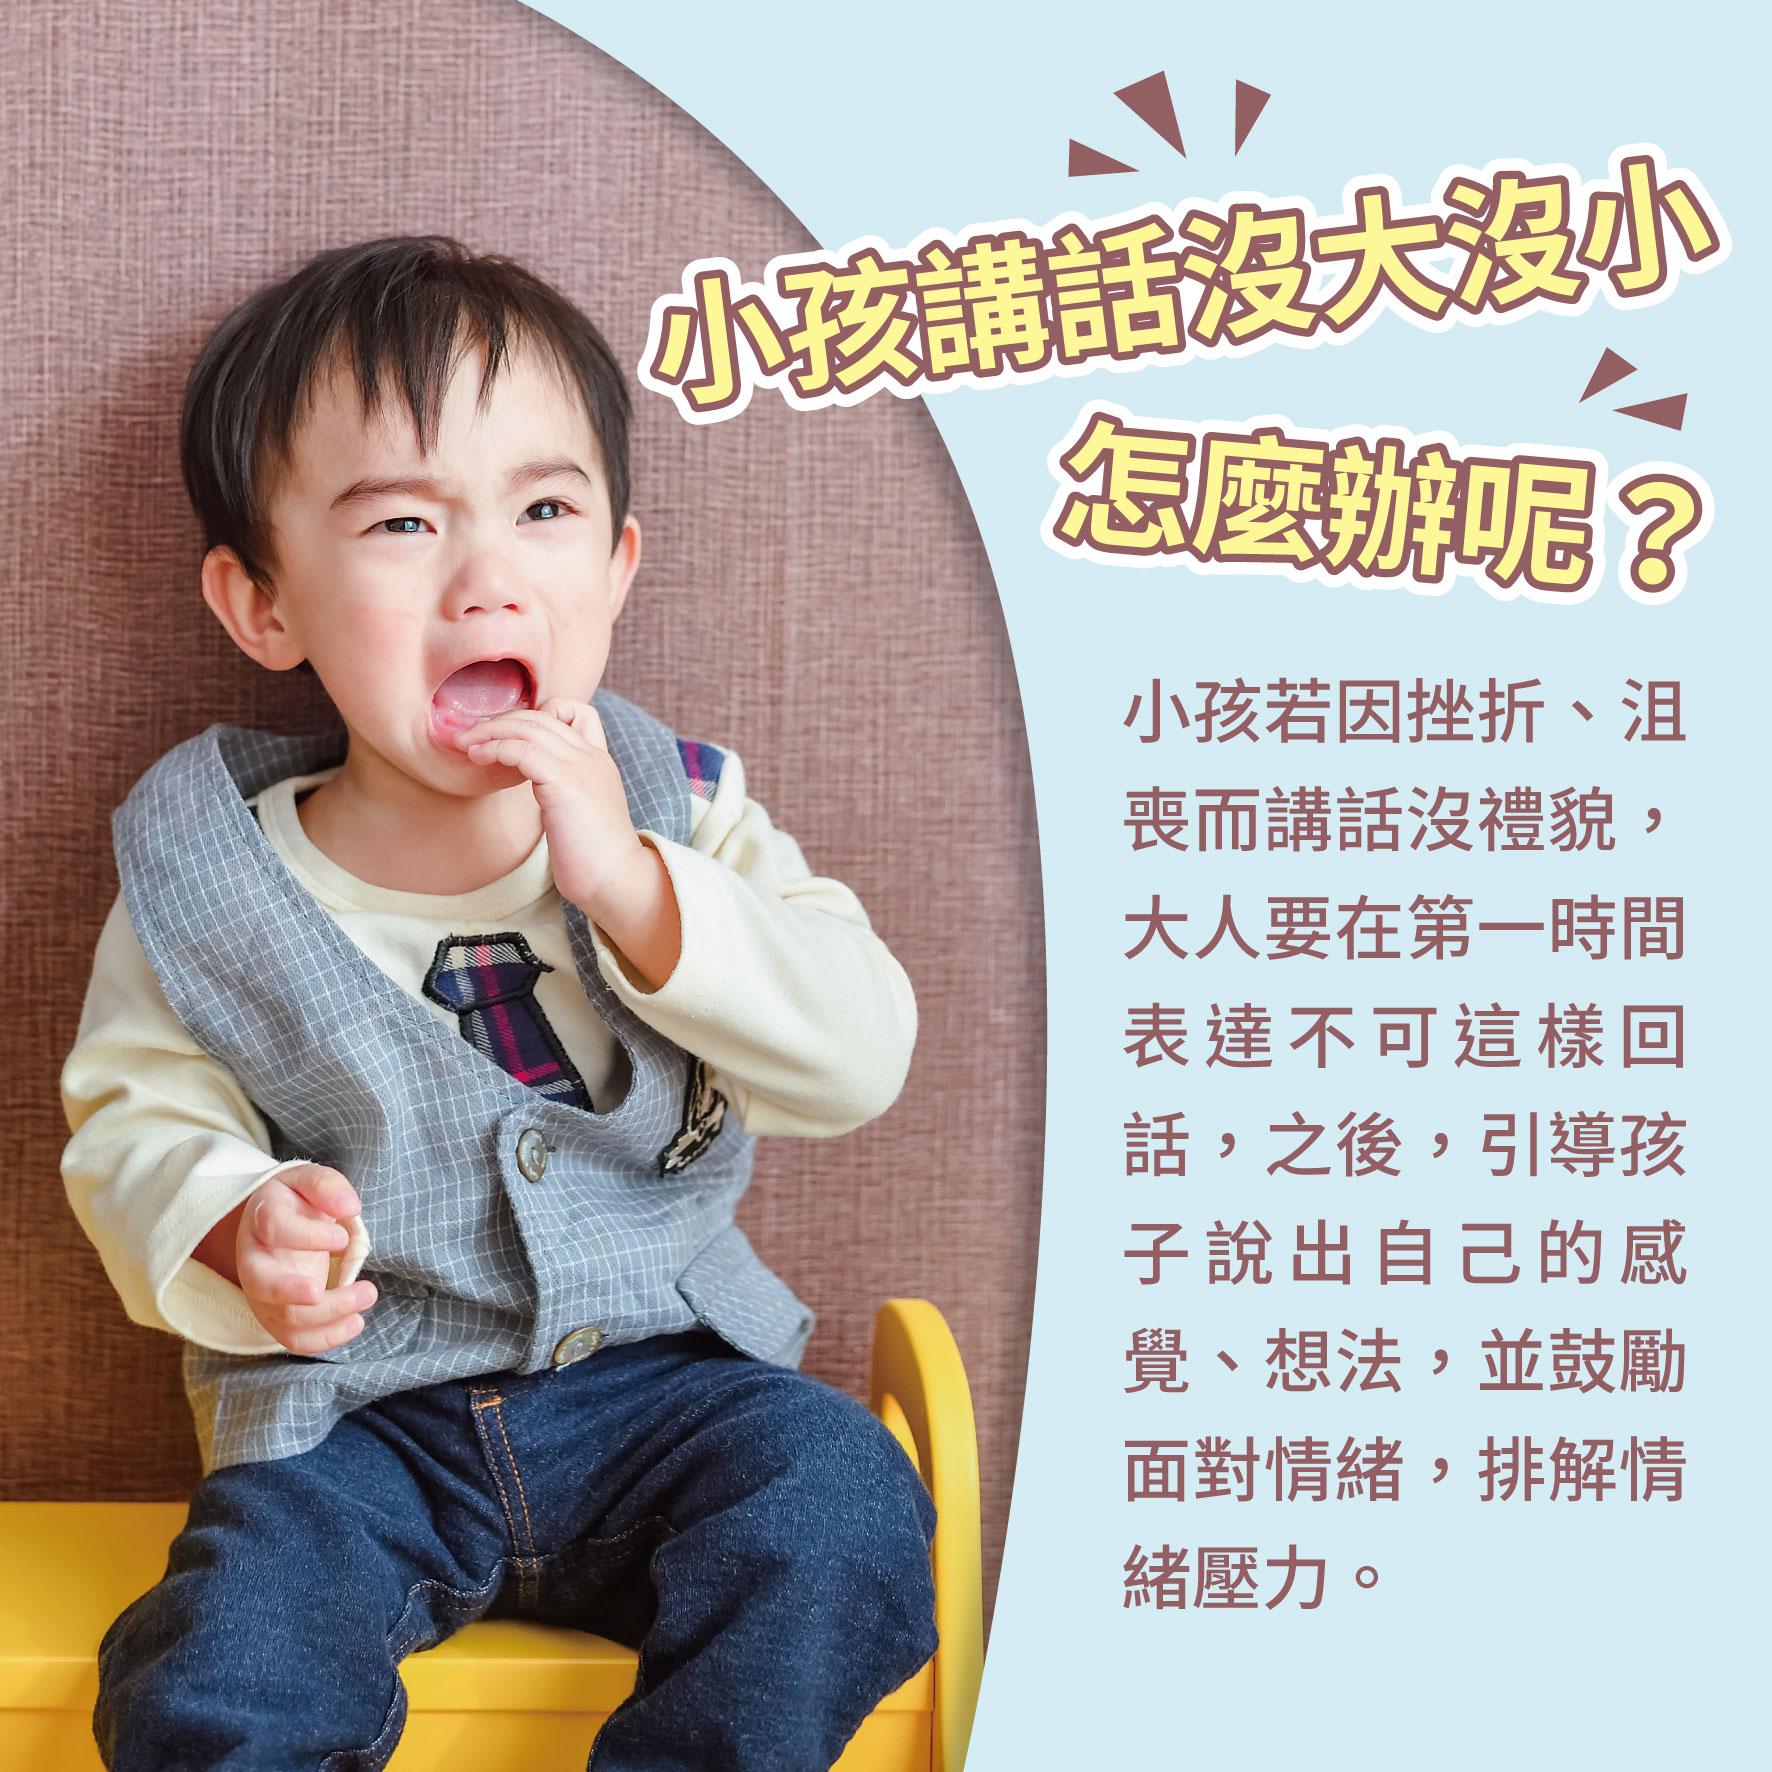 幼兒3歲 (第12週)小孩講話沒大沒小 怎麼辦呢?